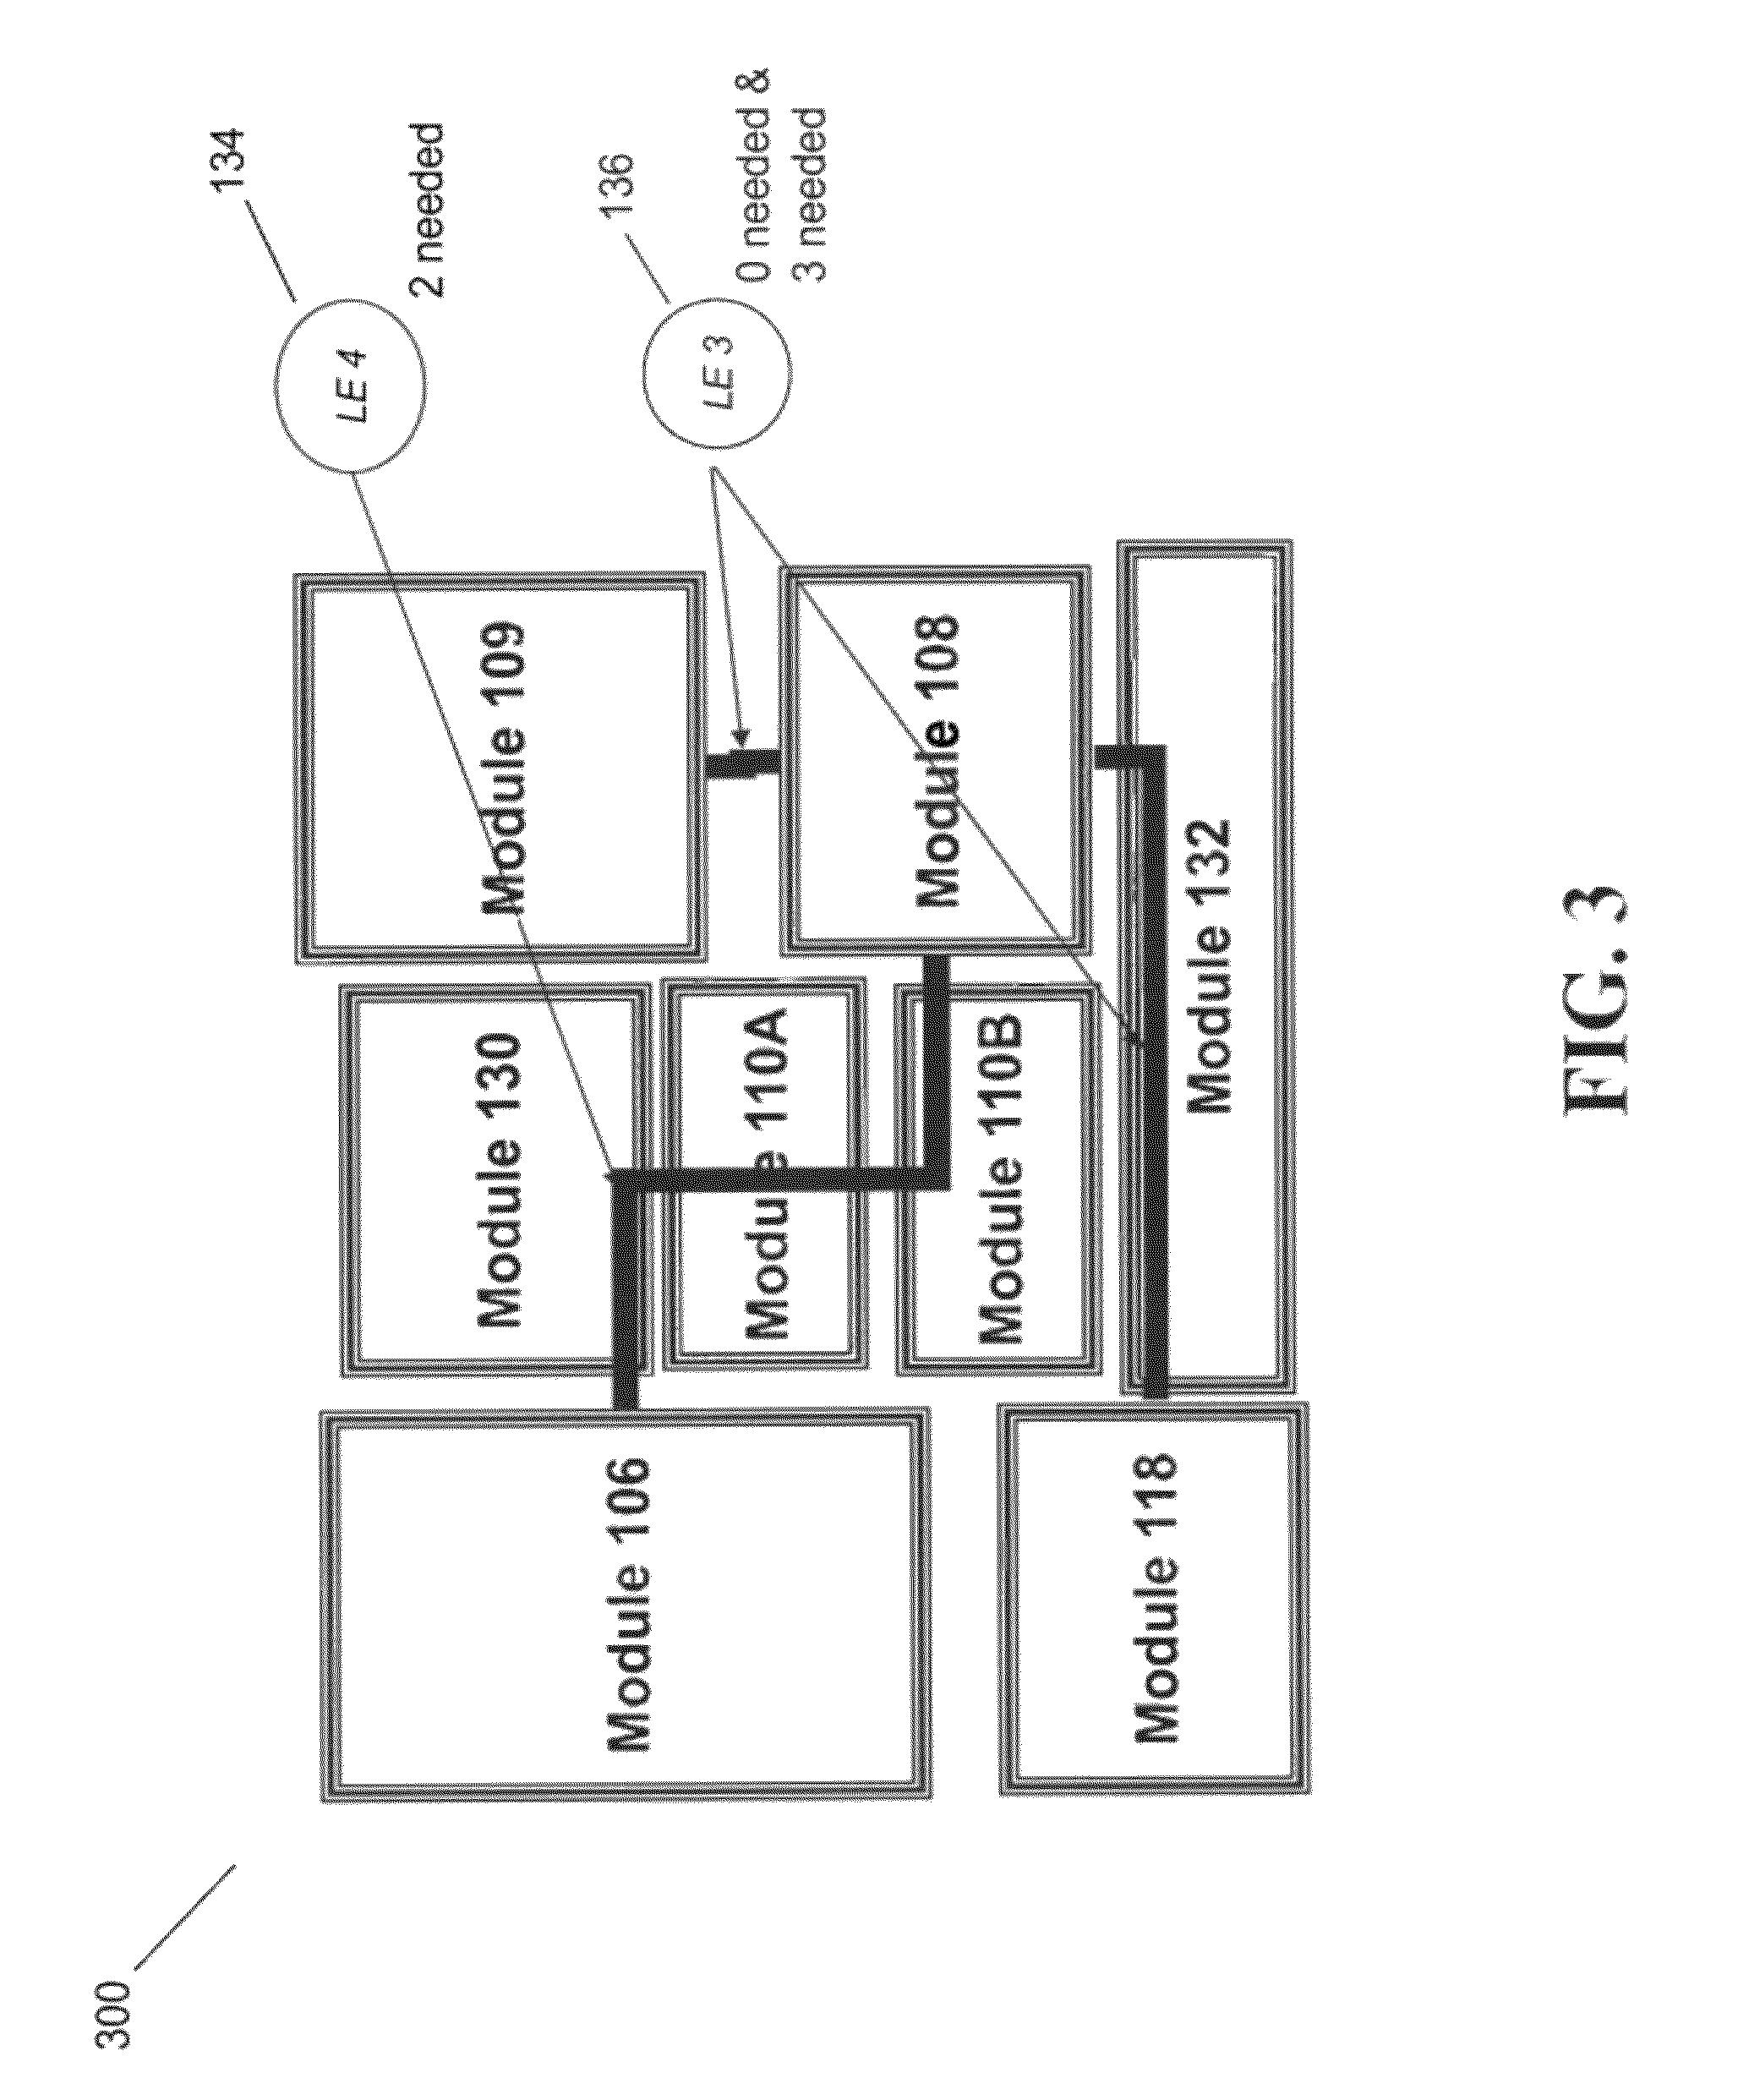 patent us8607178